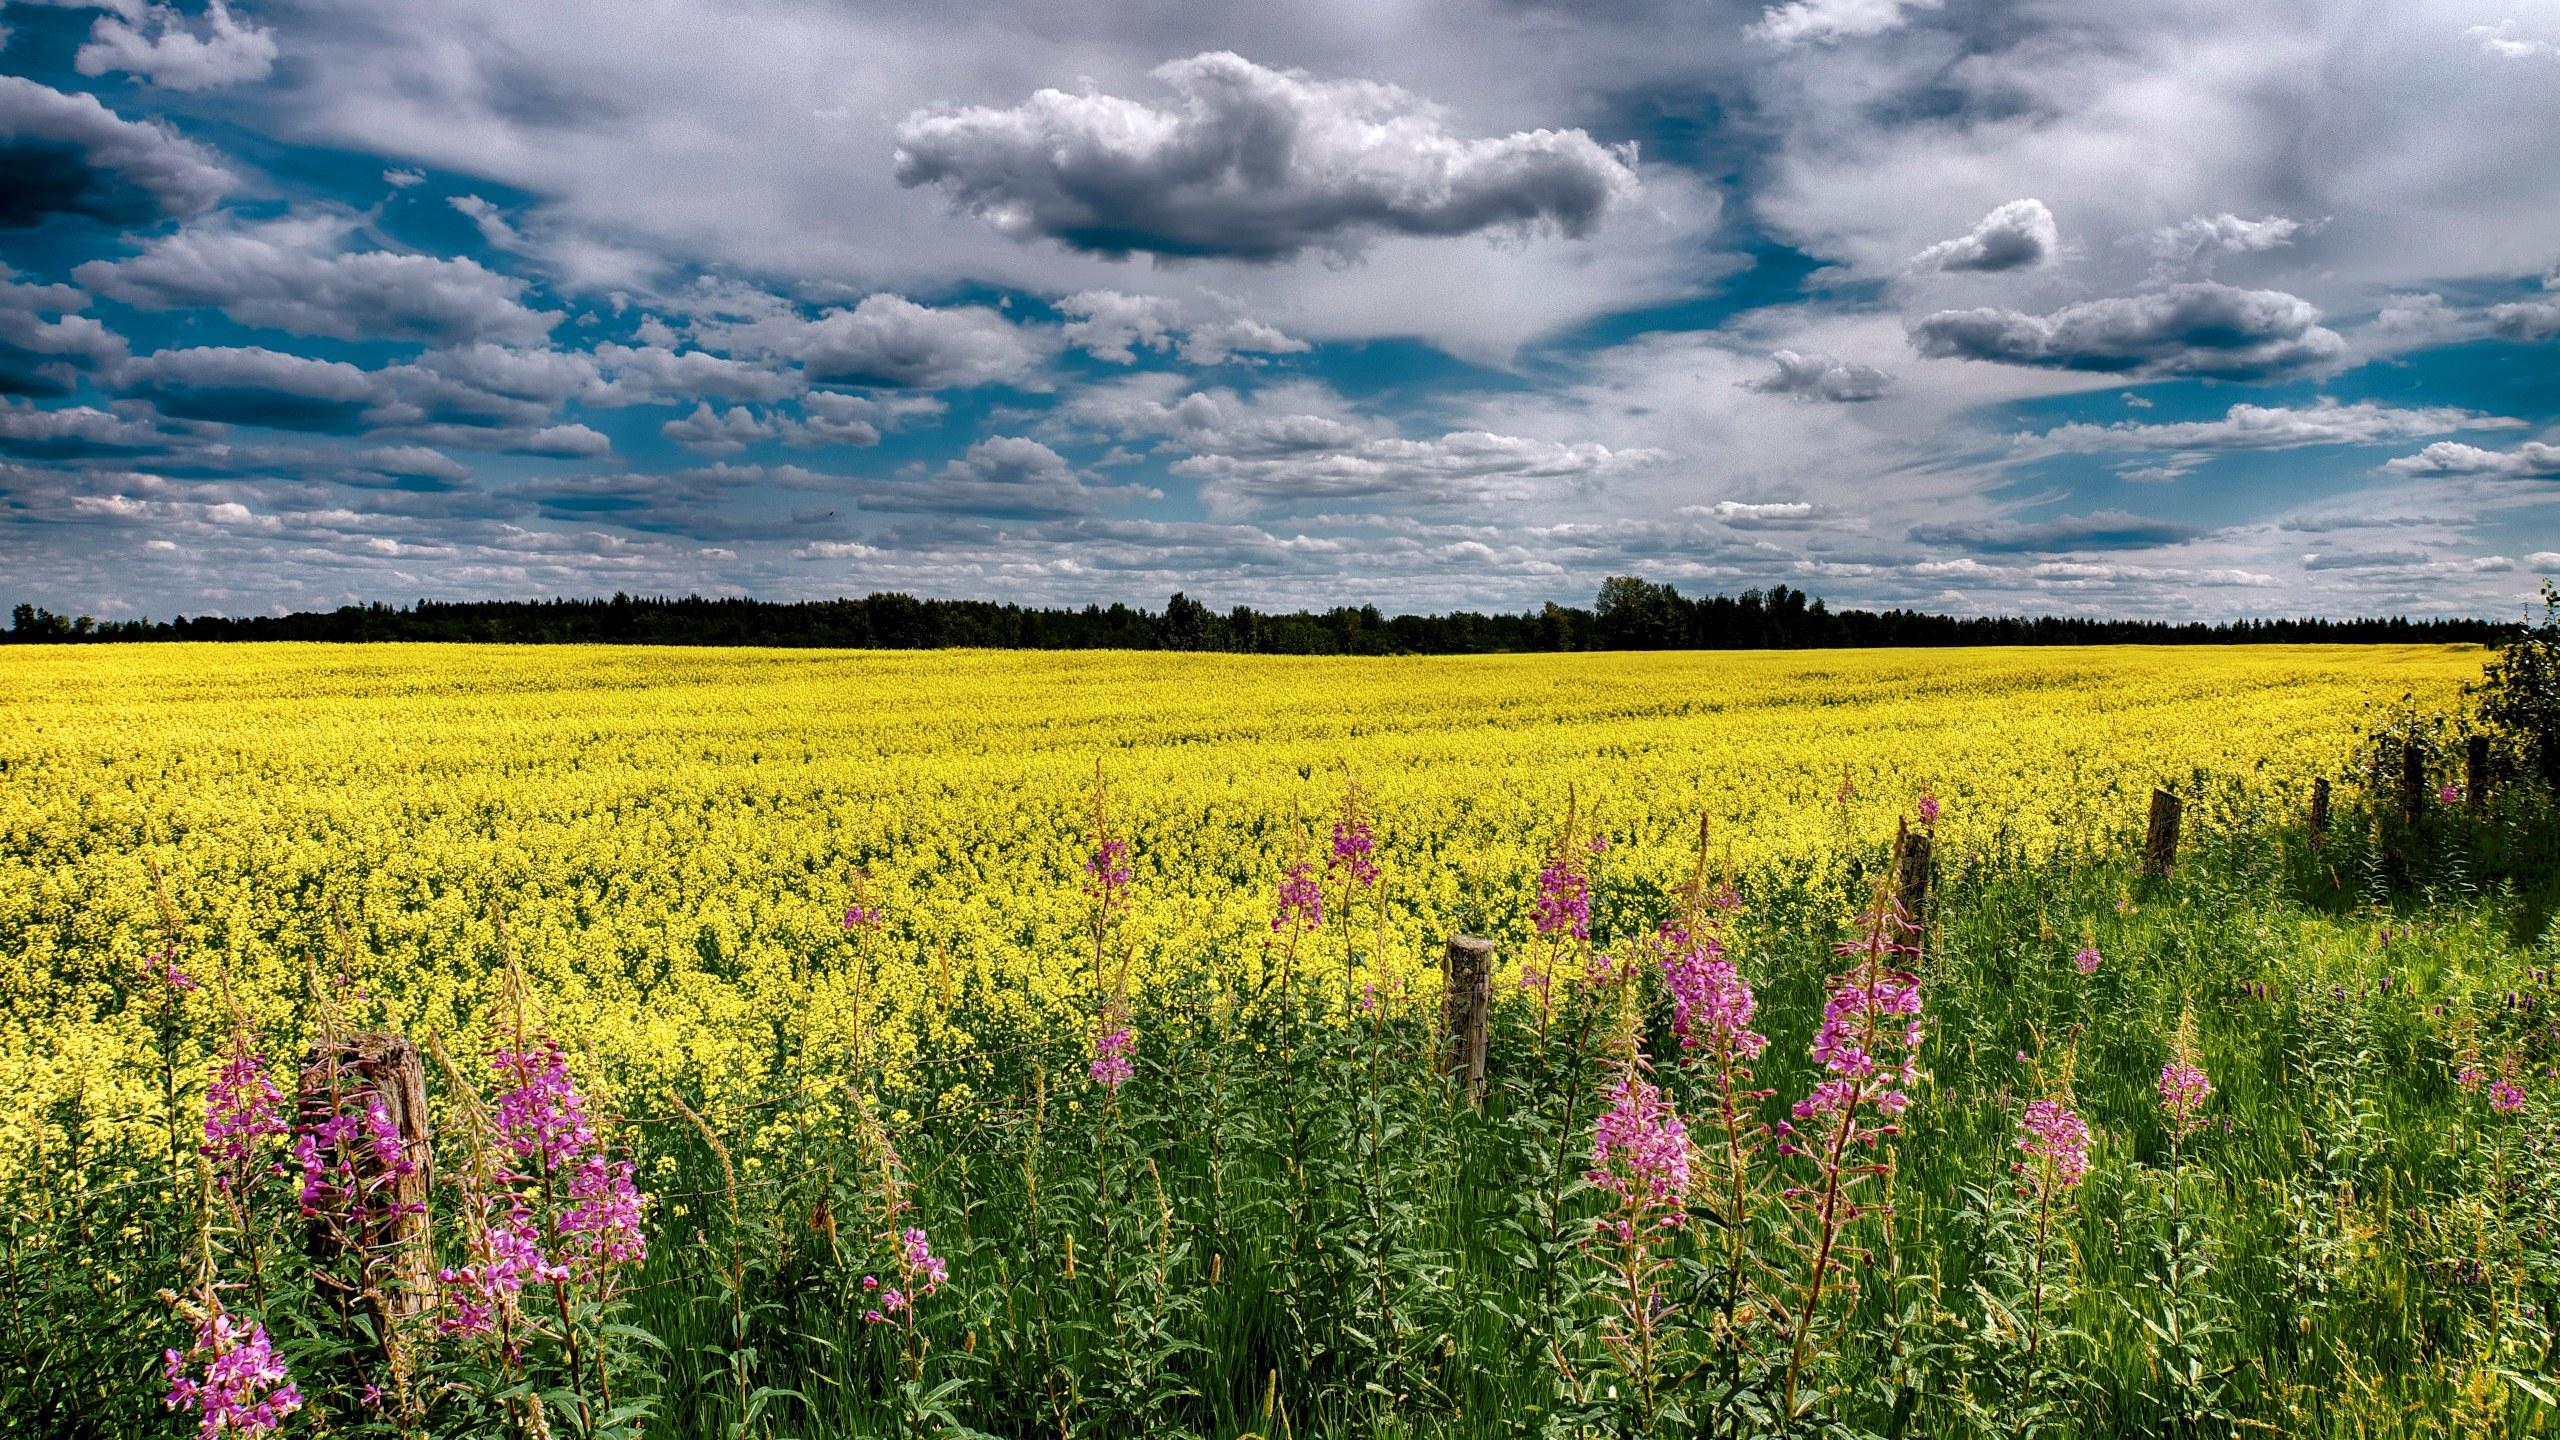 картинка природа украины летом онкологии реконструктивно-пластической